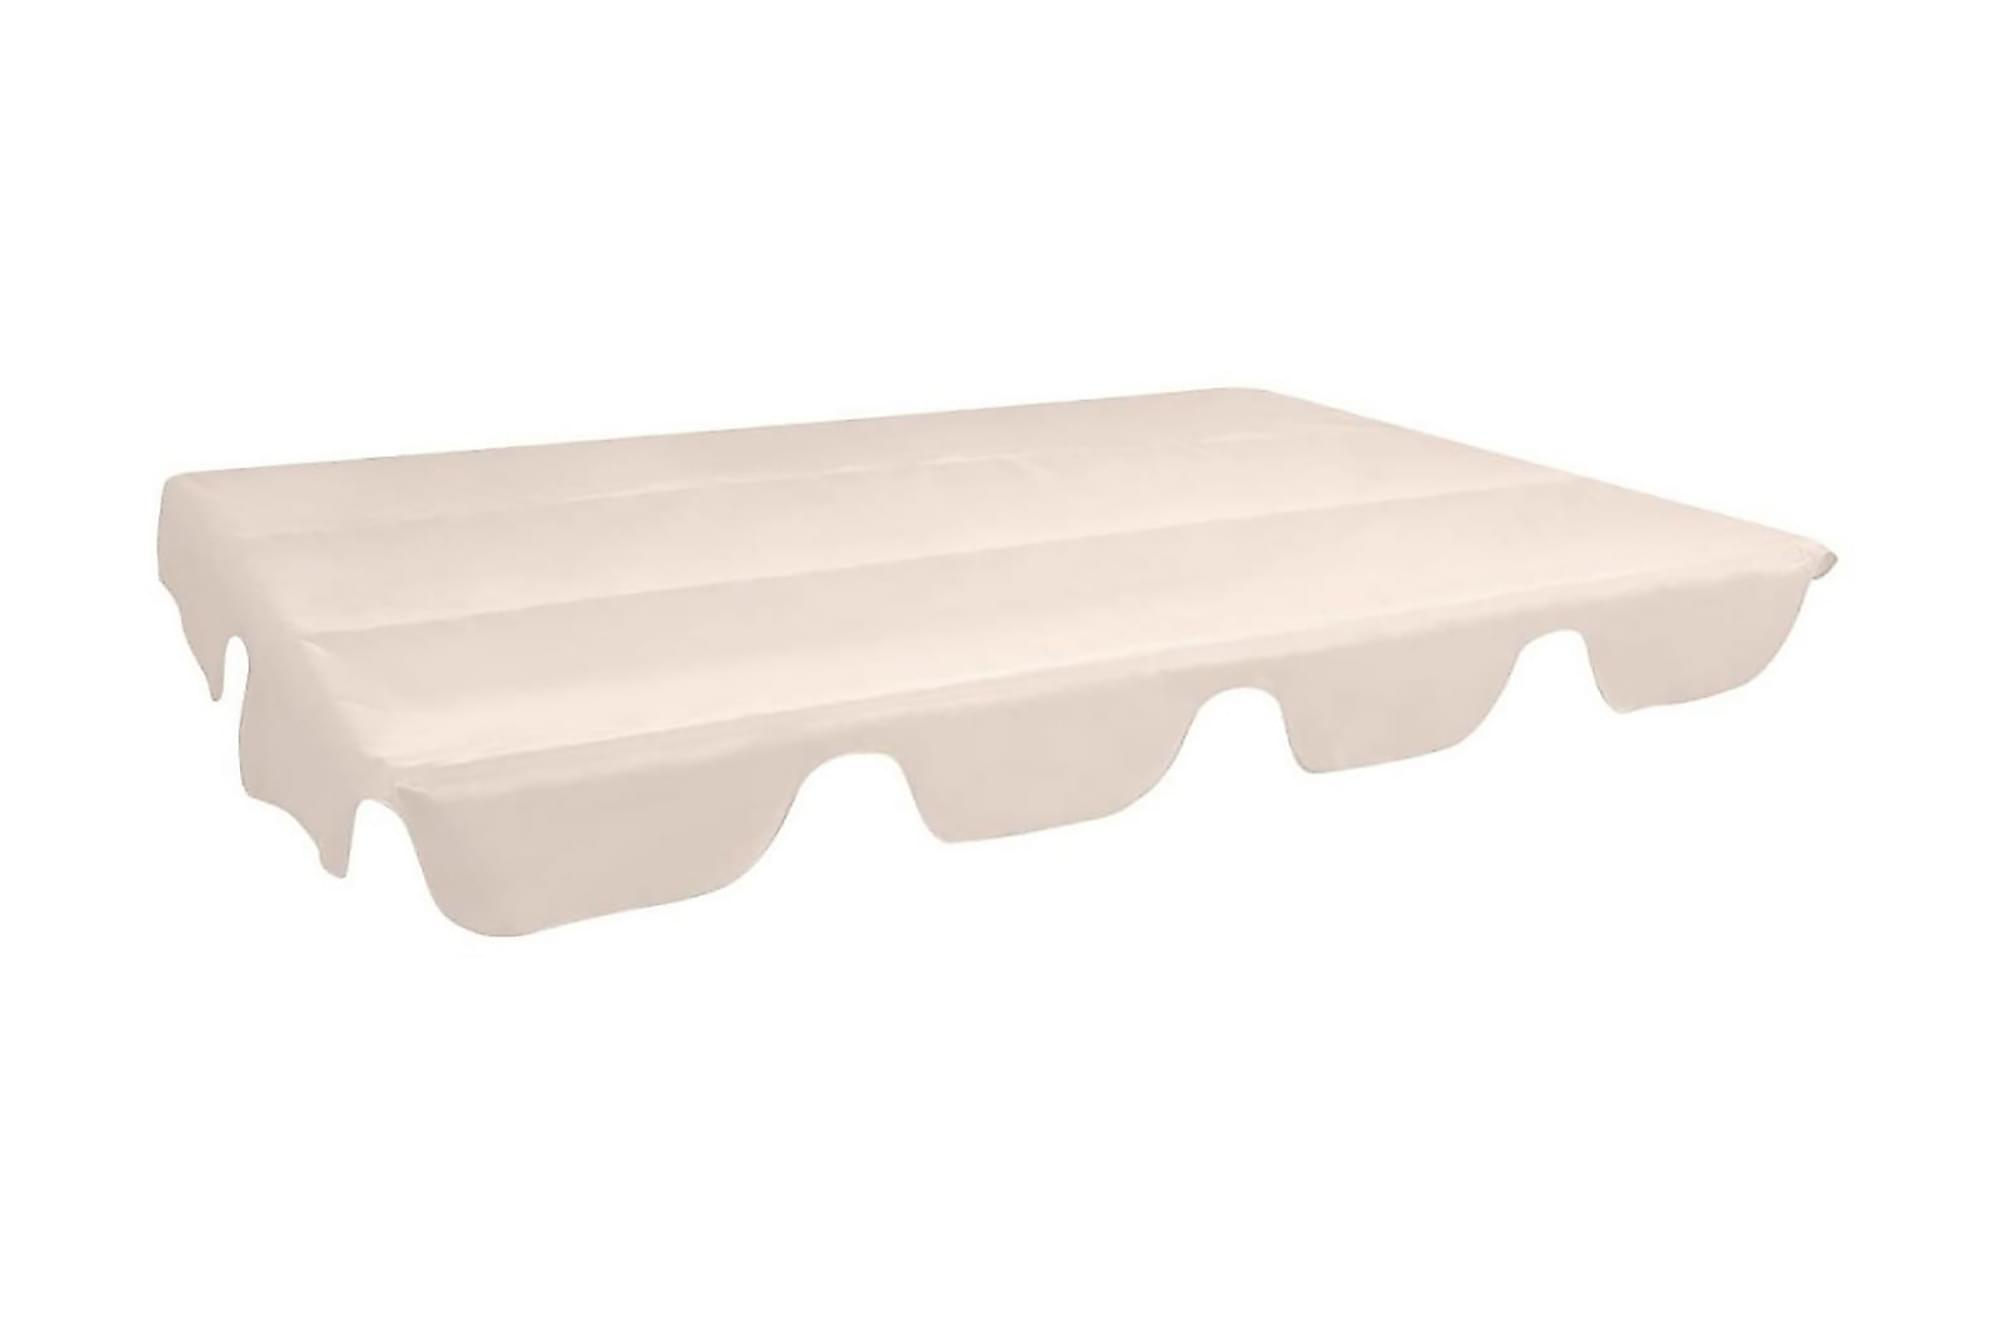 Reservtak för hammock beige 249×185 cm